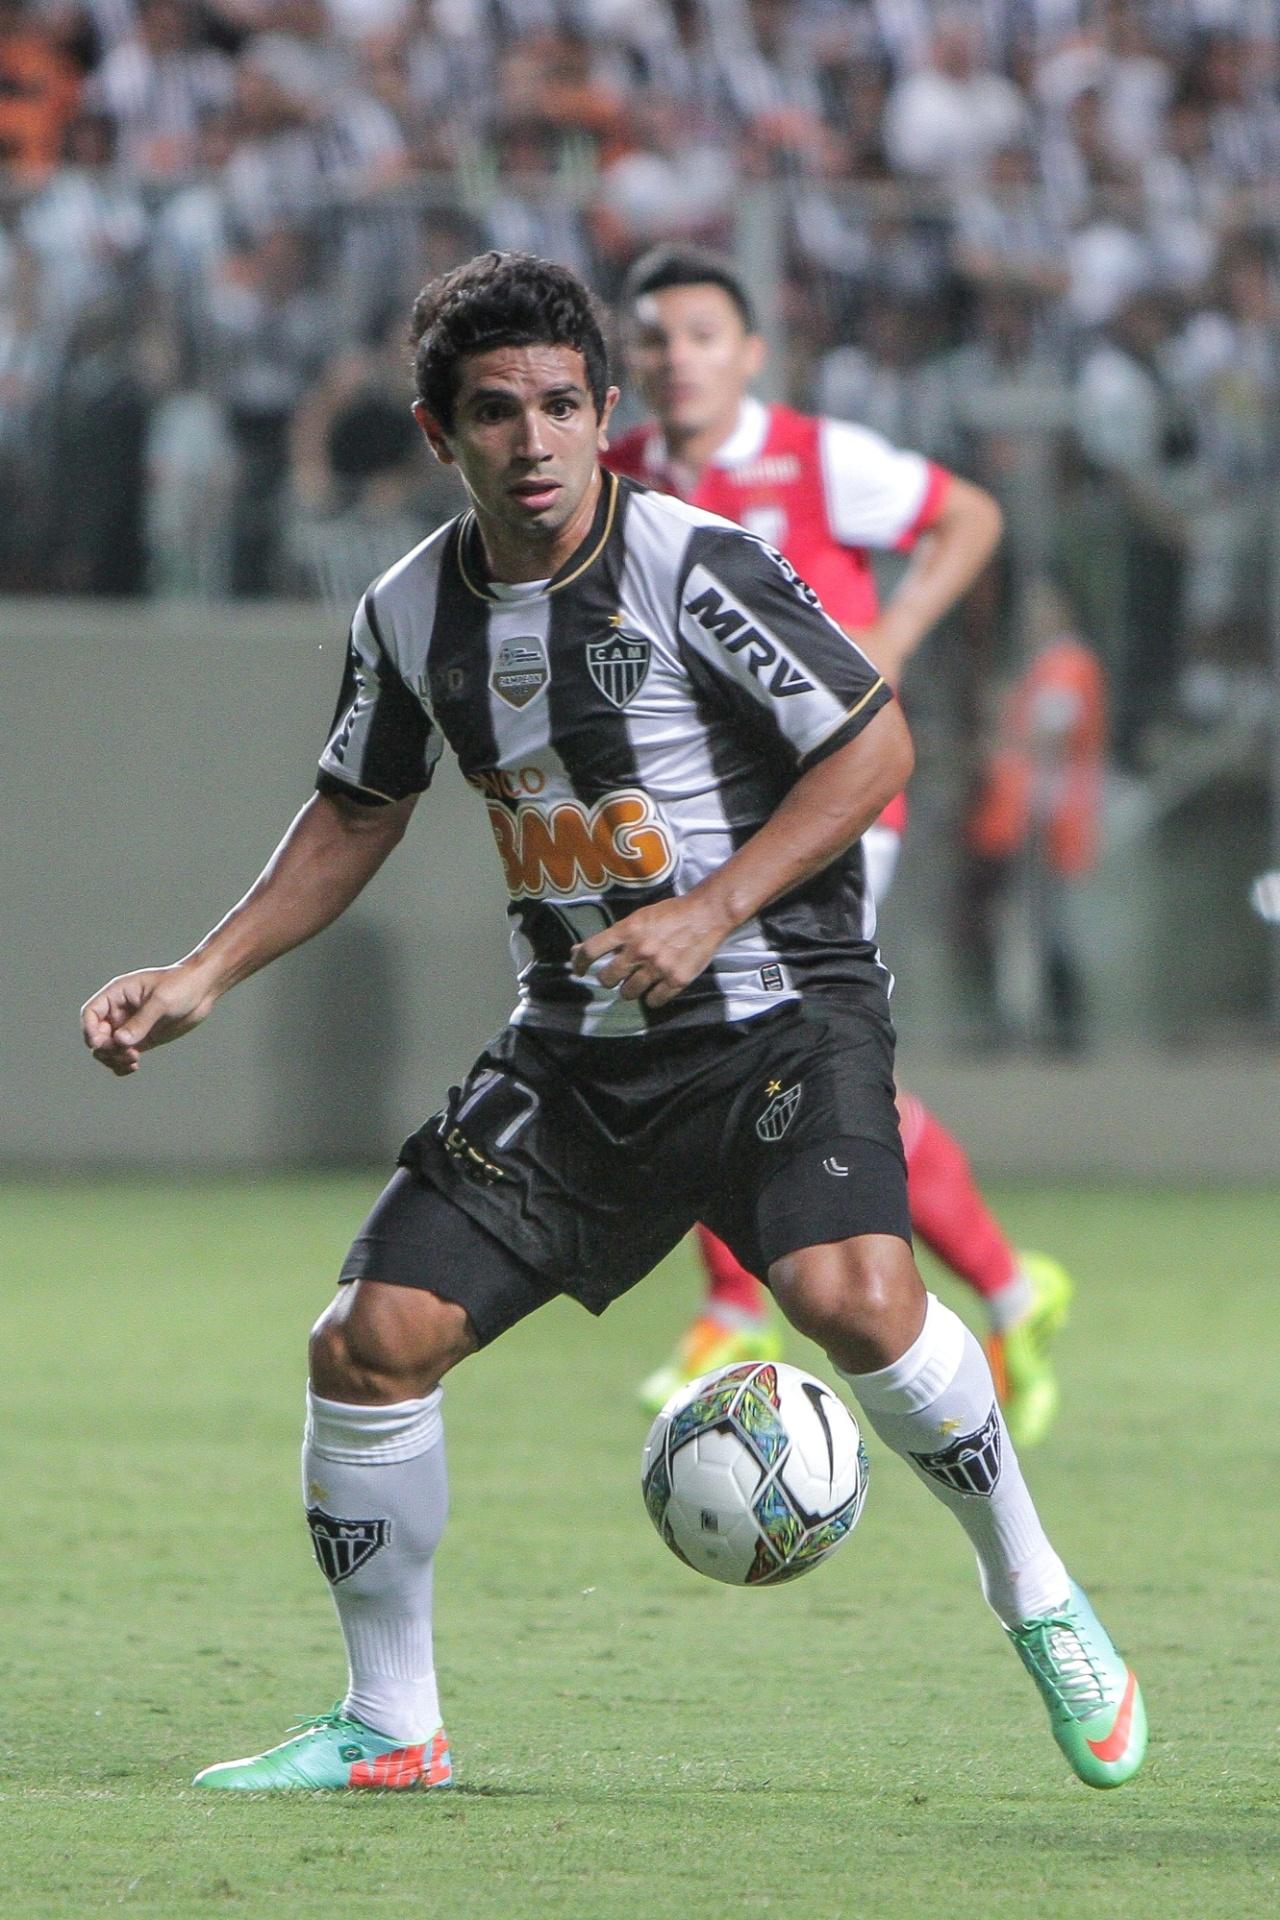 26 fev. 2014 - Atacante Guilherme durante vitória do Atlético-MG sobre o Santa Fé, por 2 a 1, pela Libertadores